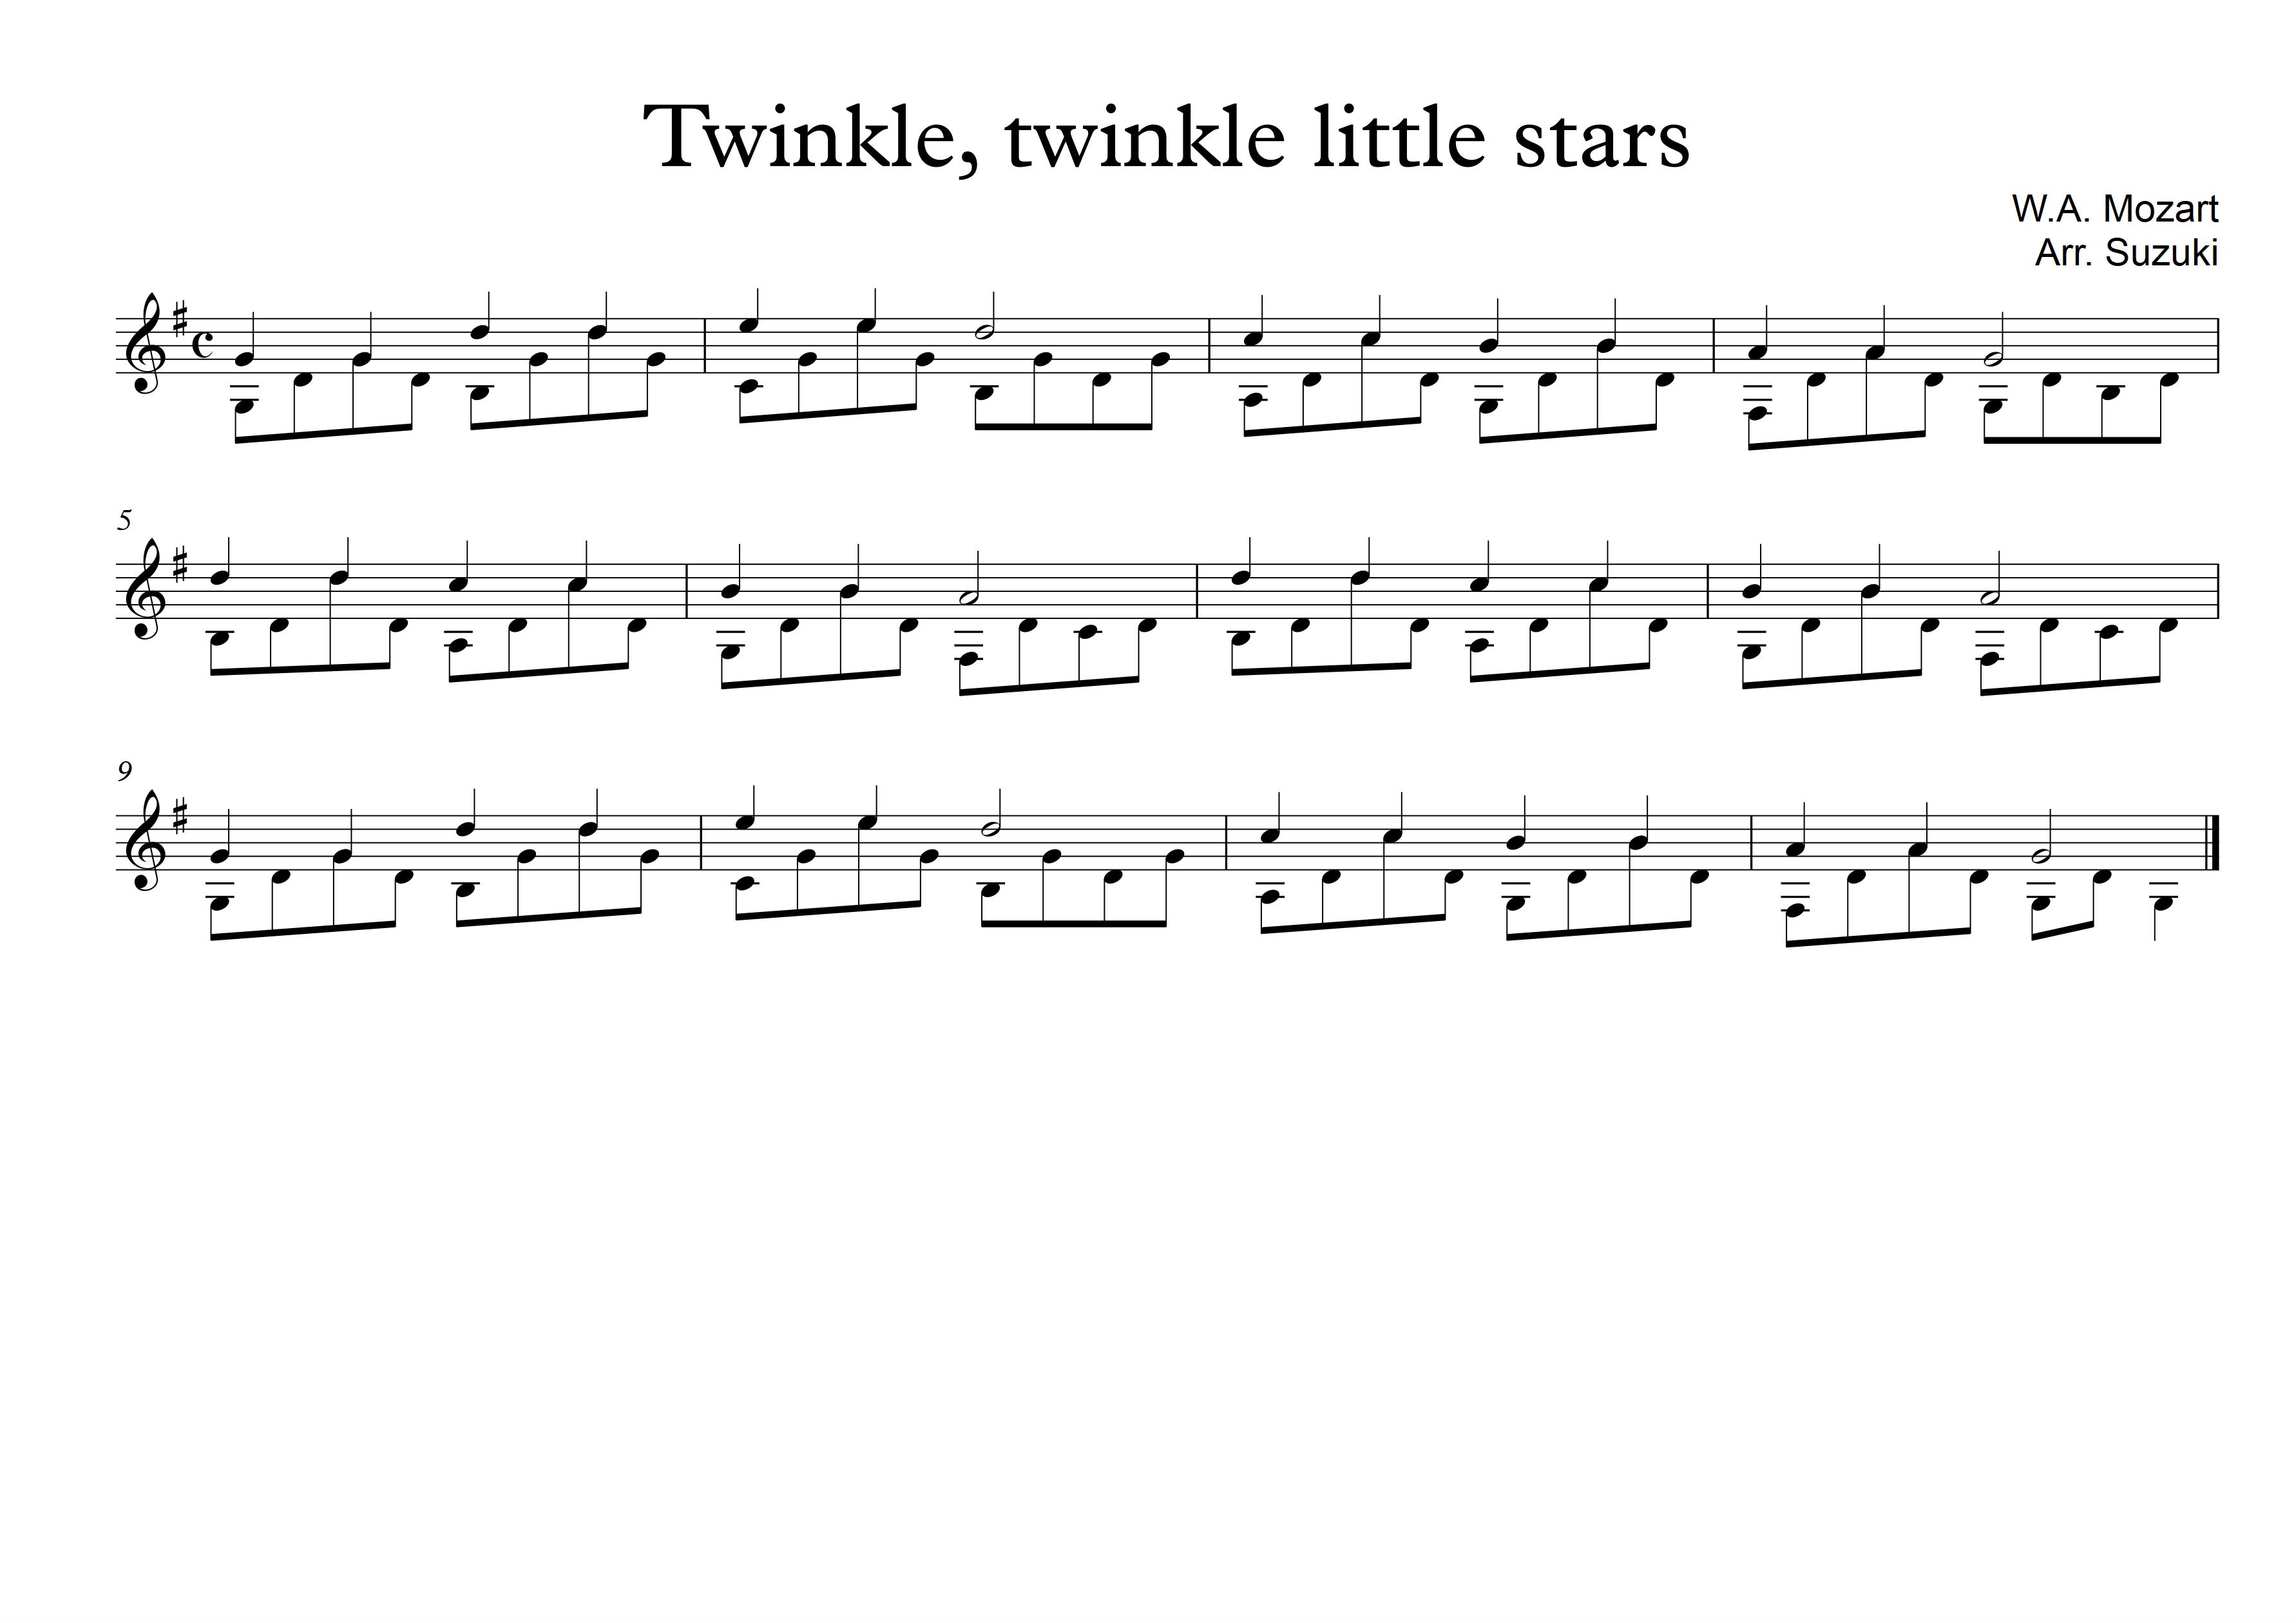 Twinkle little stars